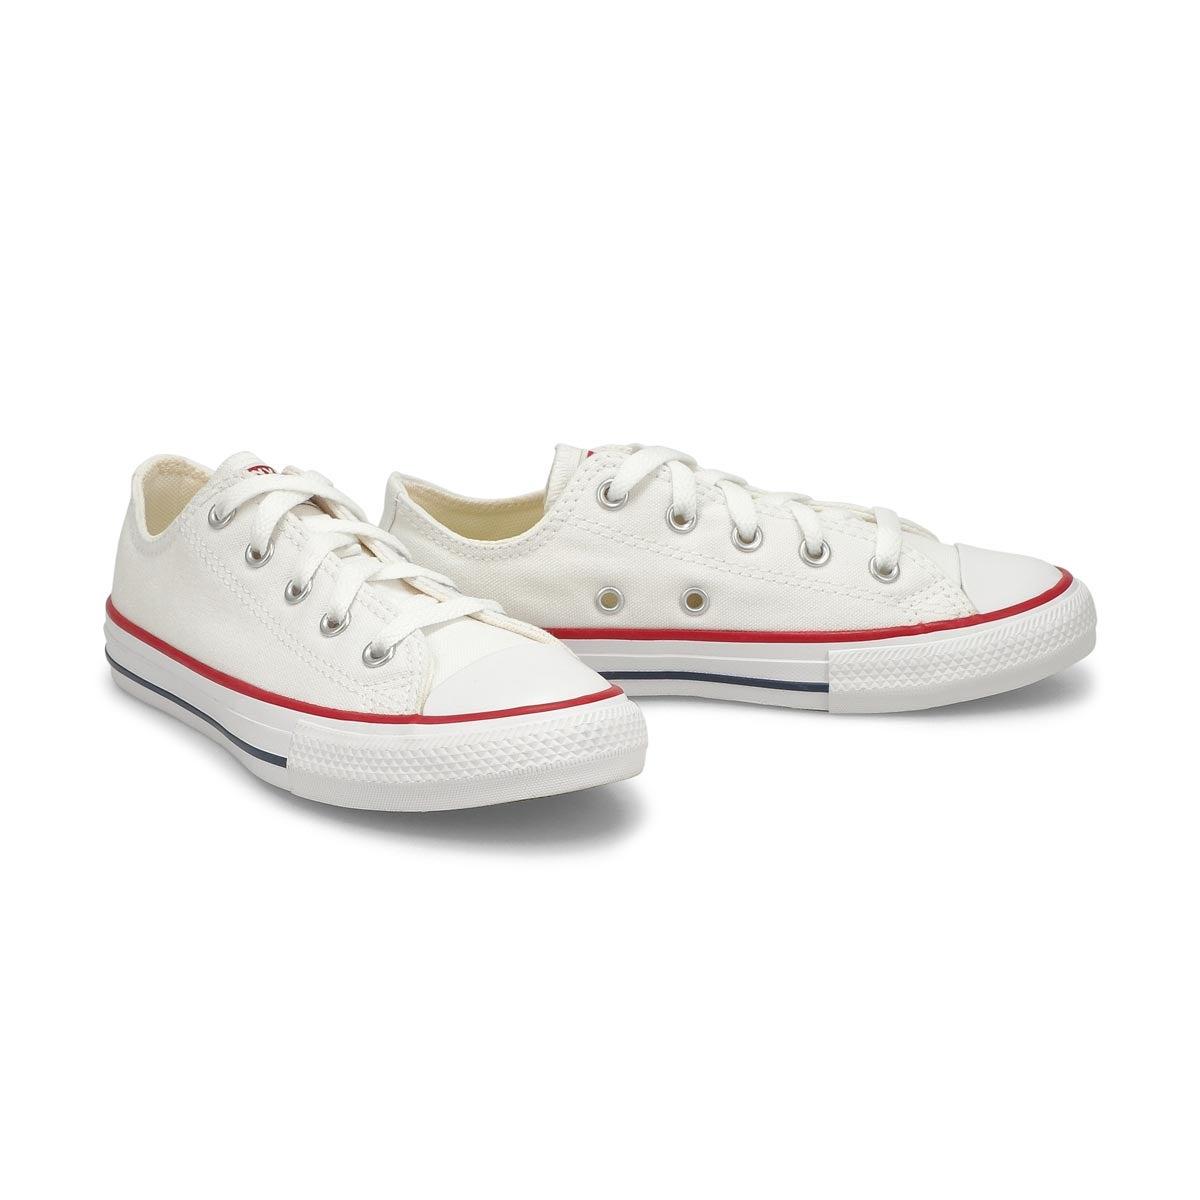 Kds CTAS Core white sneaker